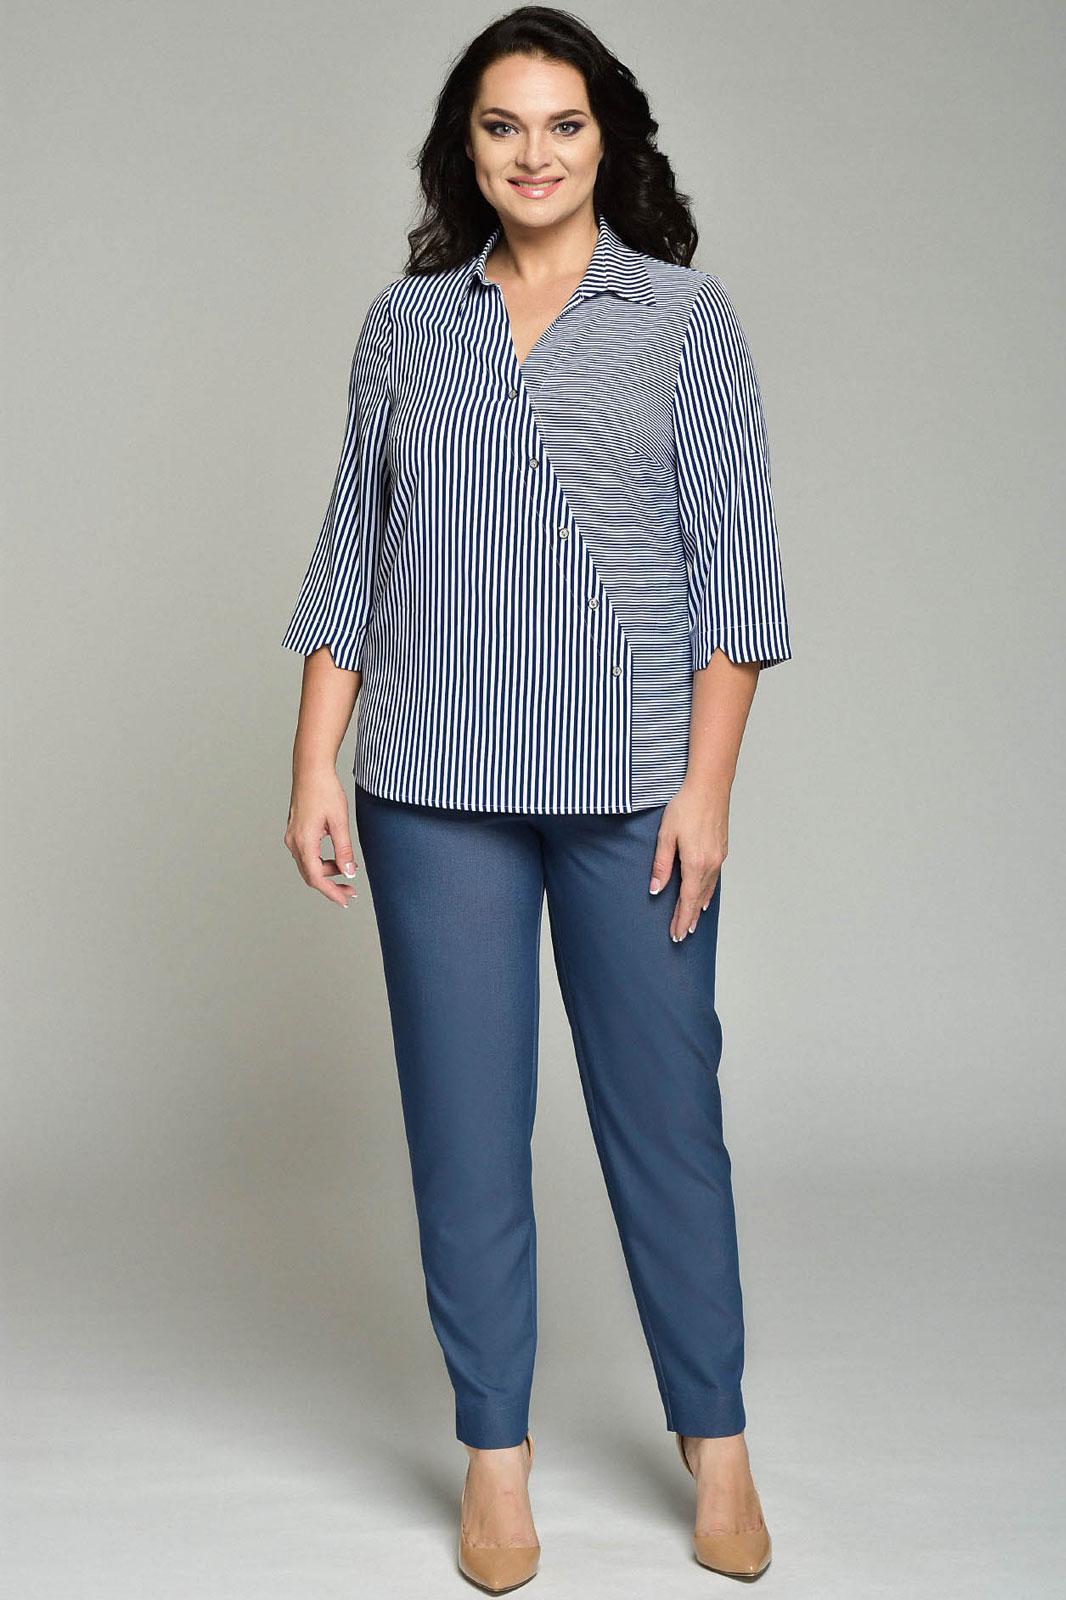 175ac3bc4b7 Купить блузку в интернет-магазине в Минске. Недорогие женские блузки